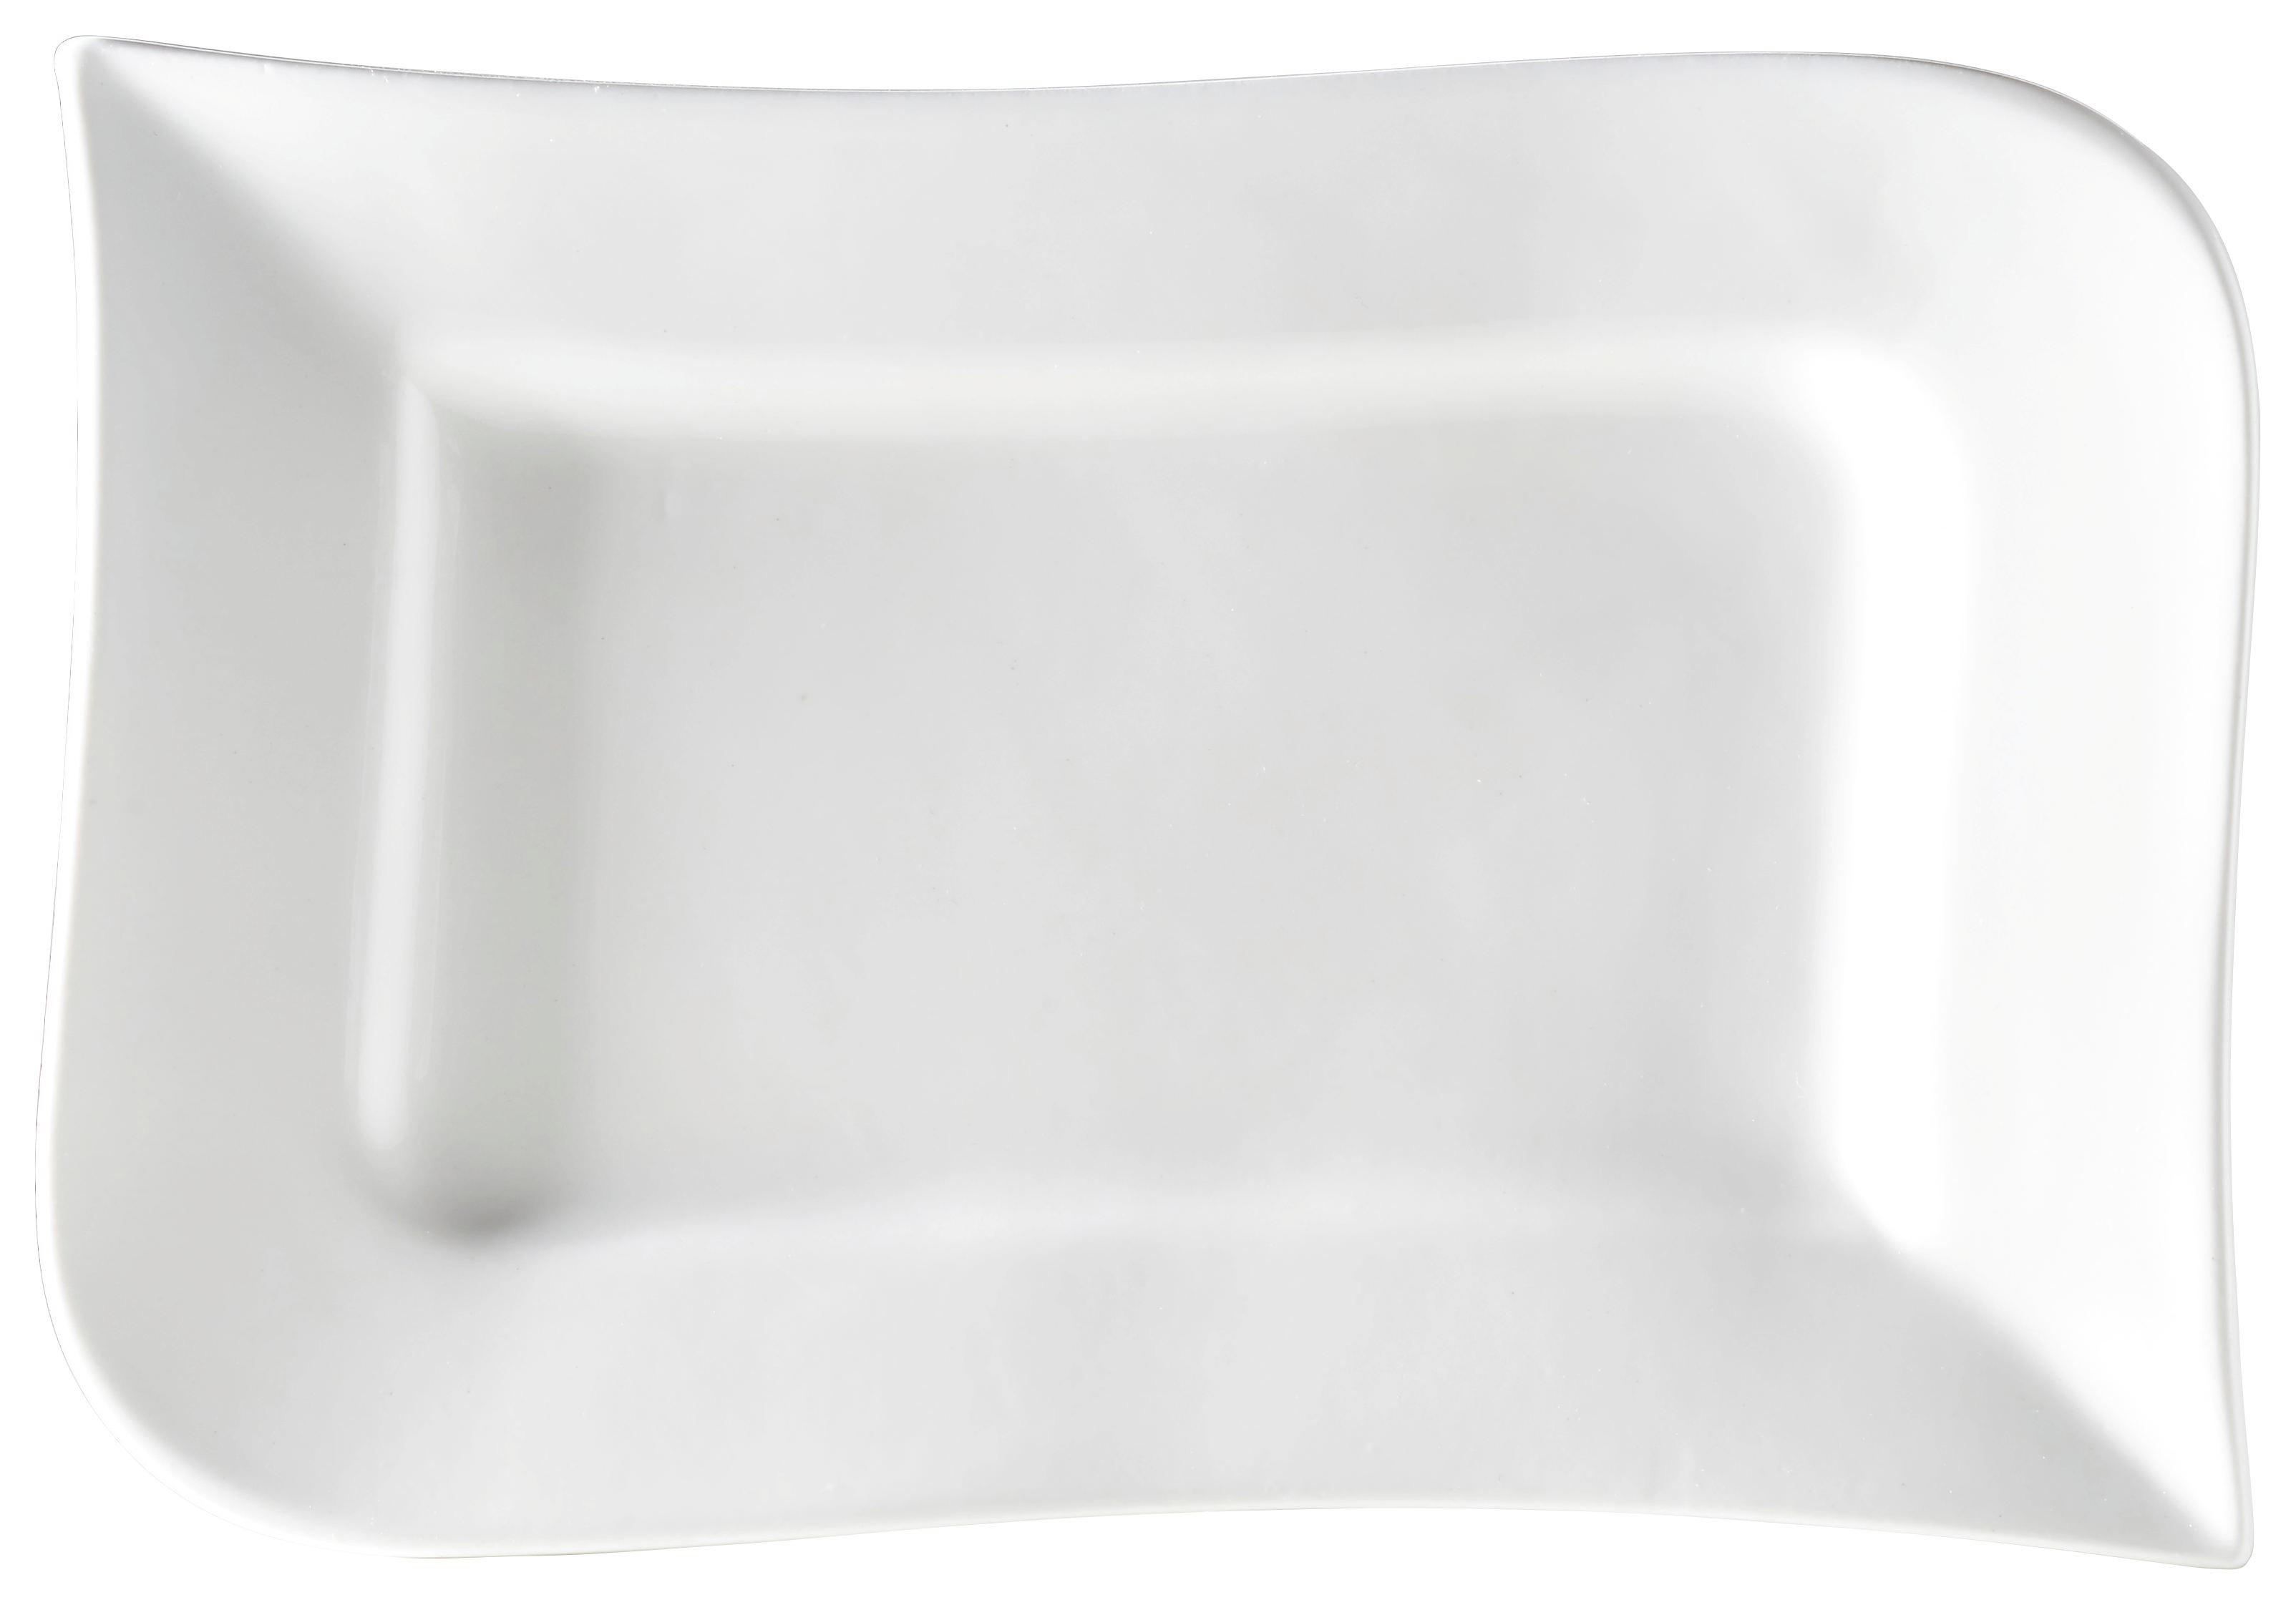 SERVIERPLATTE 36/3/23 cm - Weiß, Basics, Keramik (36/3/23cm) - RITZENHOFF BREKER